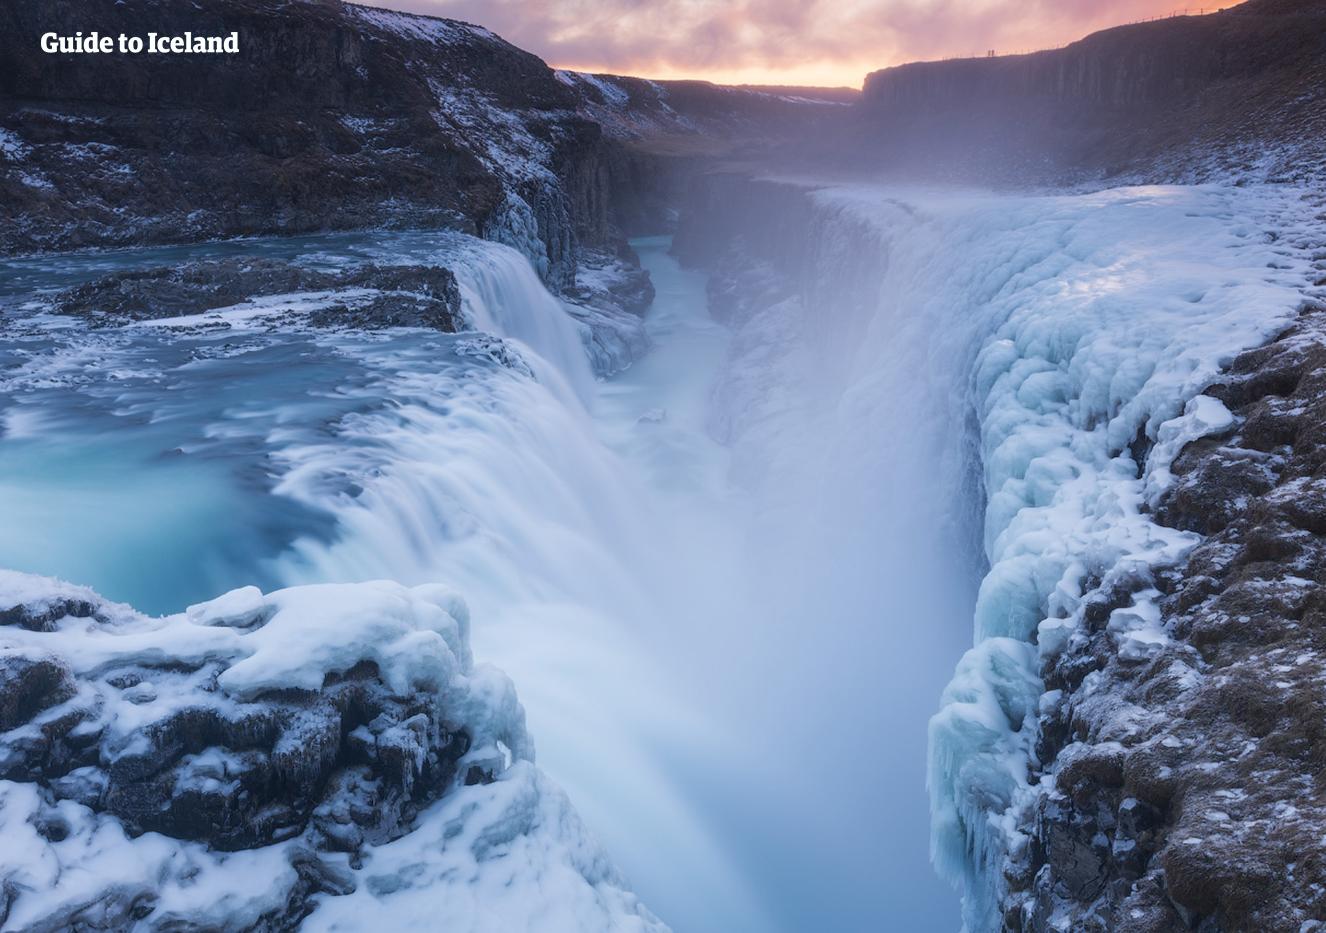 冰岛黄金圈的黄金瀑布在冬季由皑皑白雪覆盖。